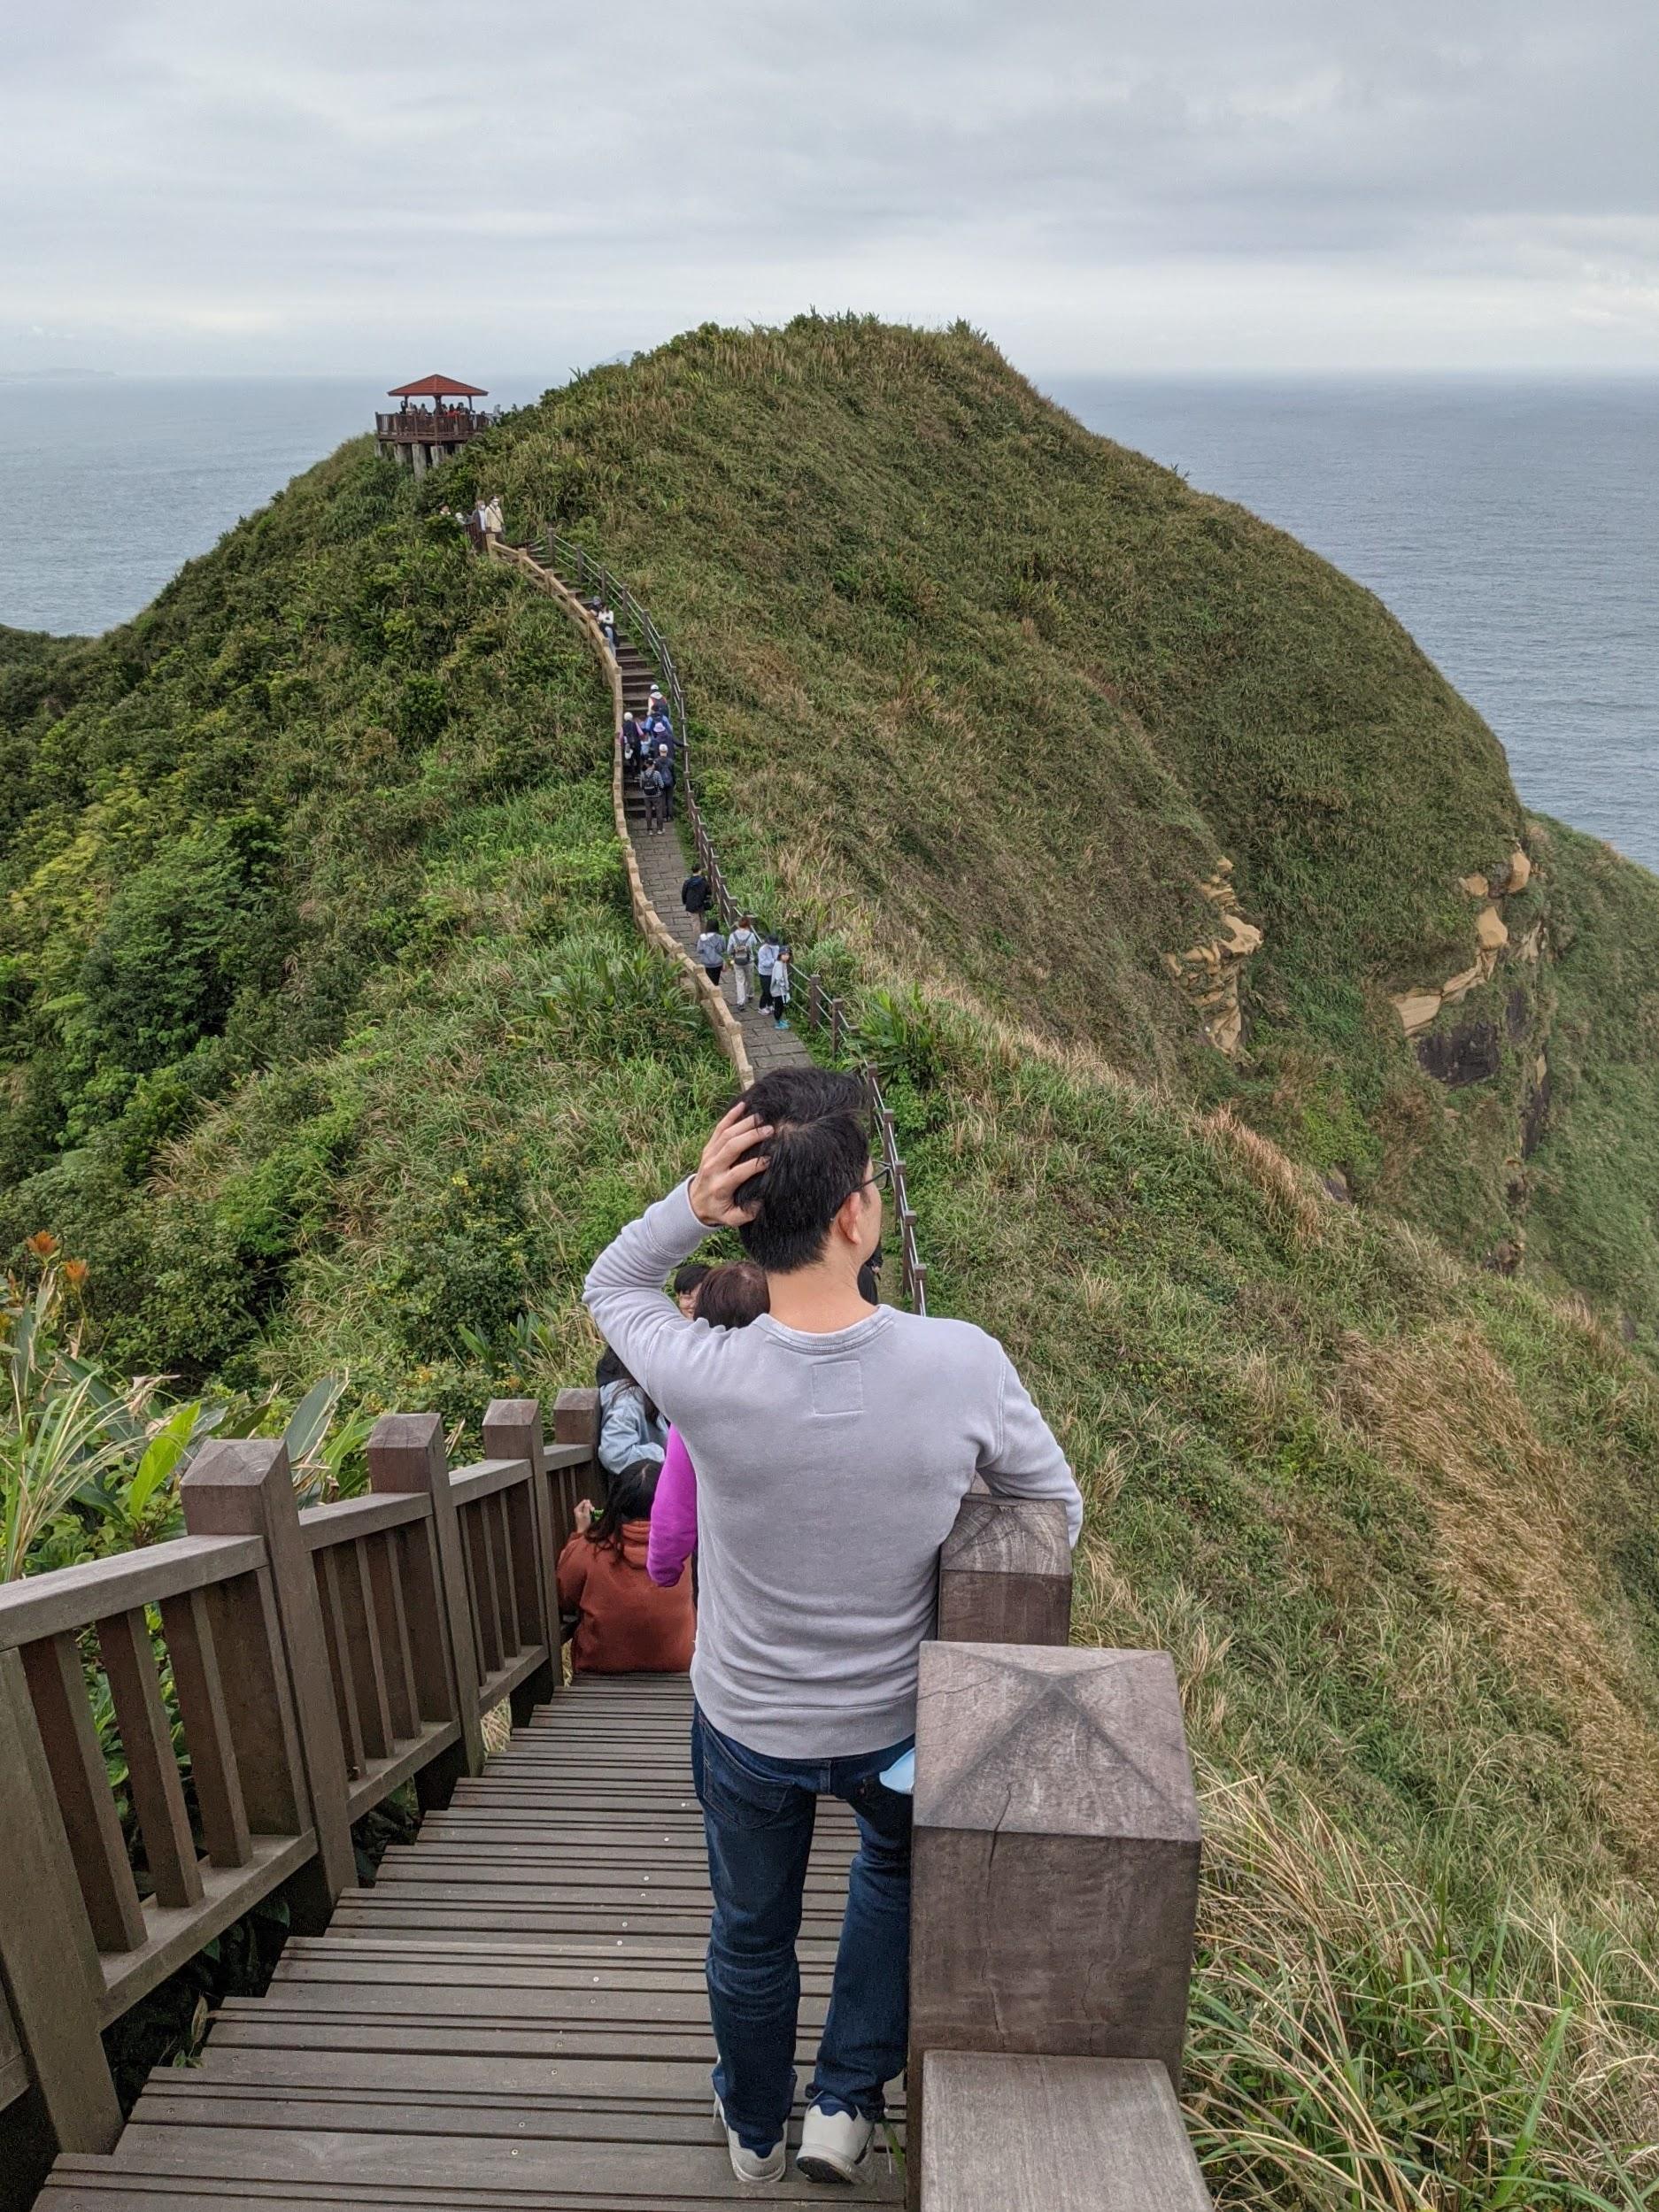 bitou17 瑞芳-鼻頭角台版萬里長城 海濱步道景色壯麗